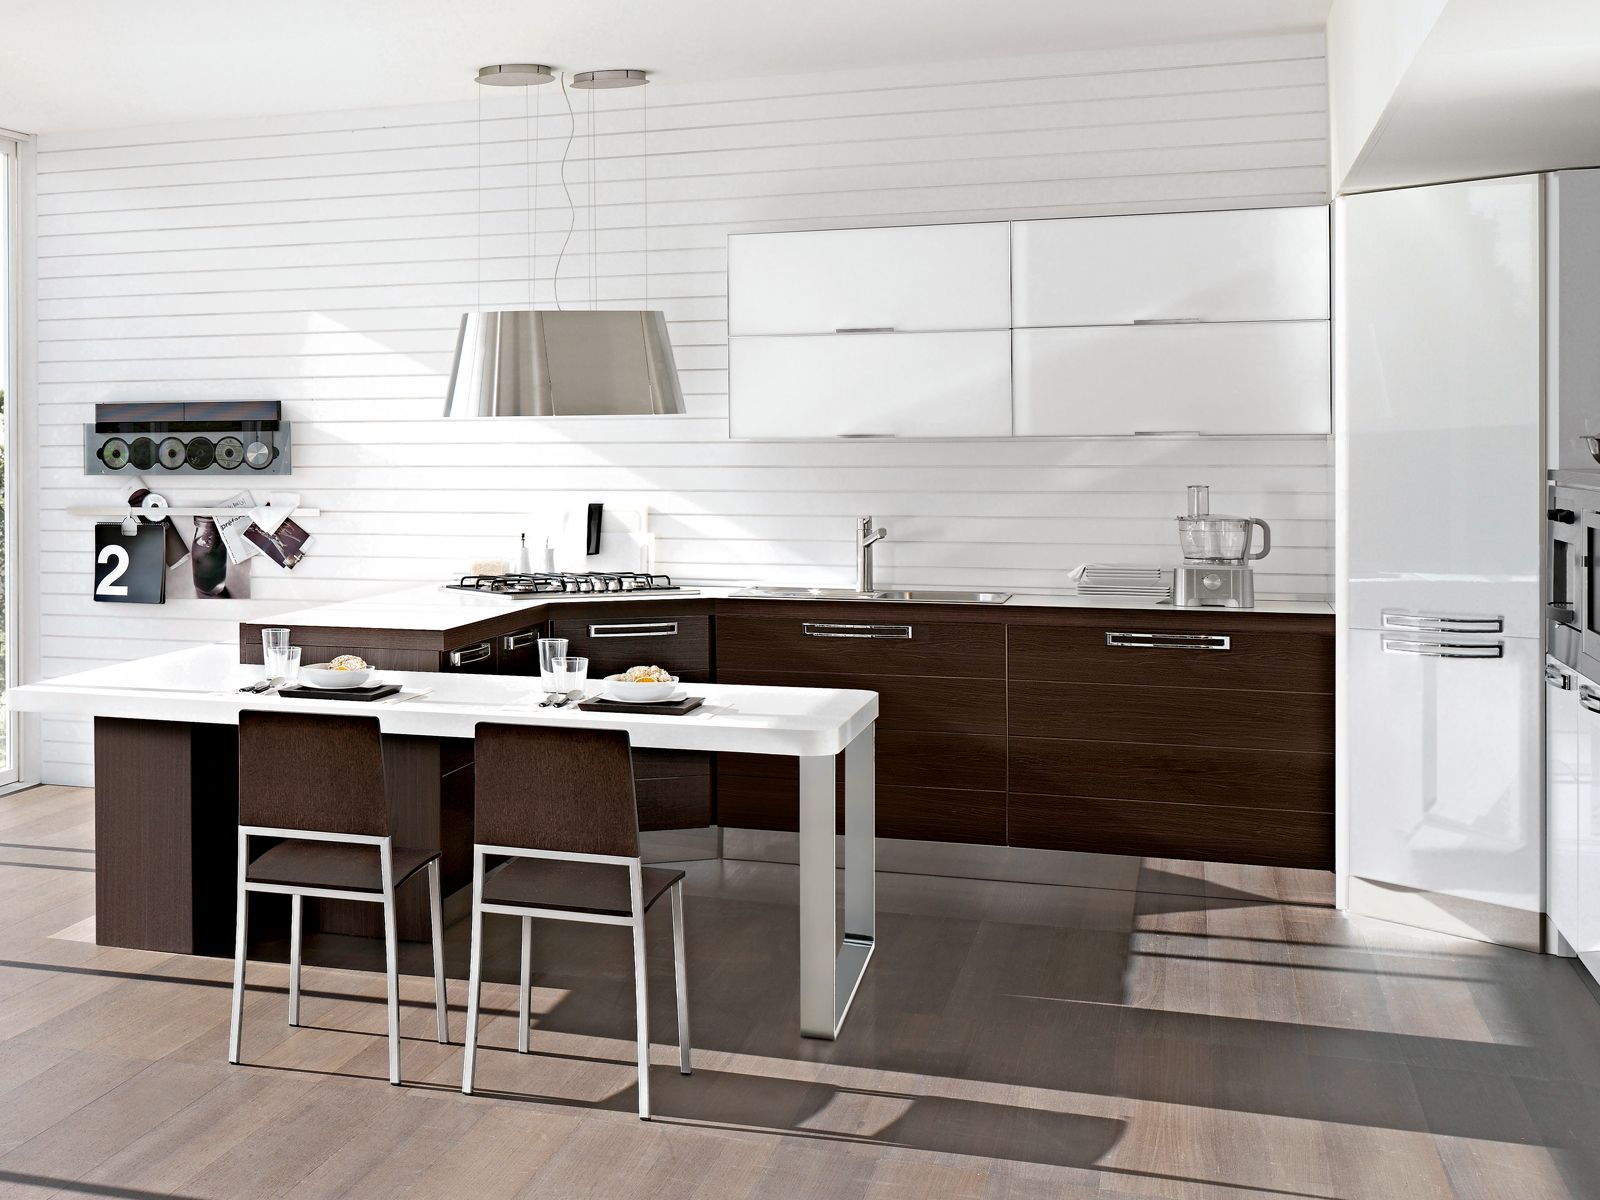 Piastrelle soggiorno e cucina gp86 regardsdefemmes for Piastrelle cucina bianche e nere